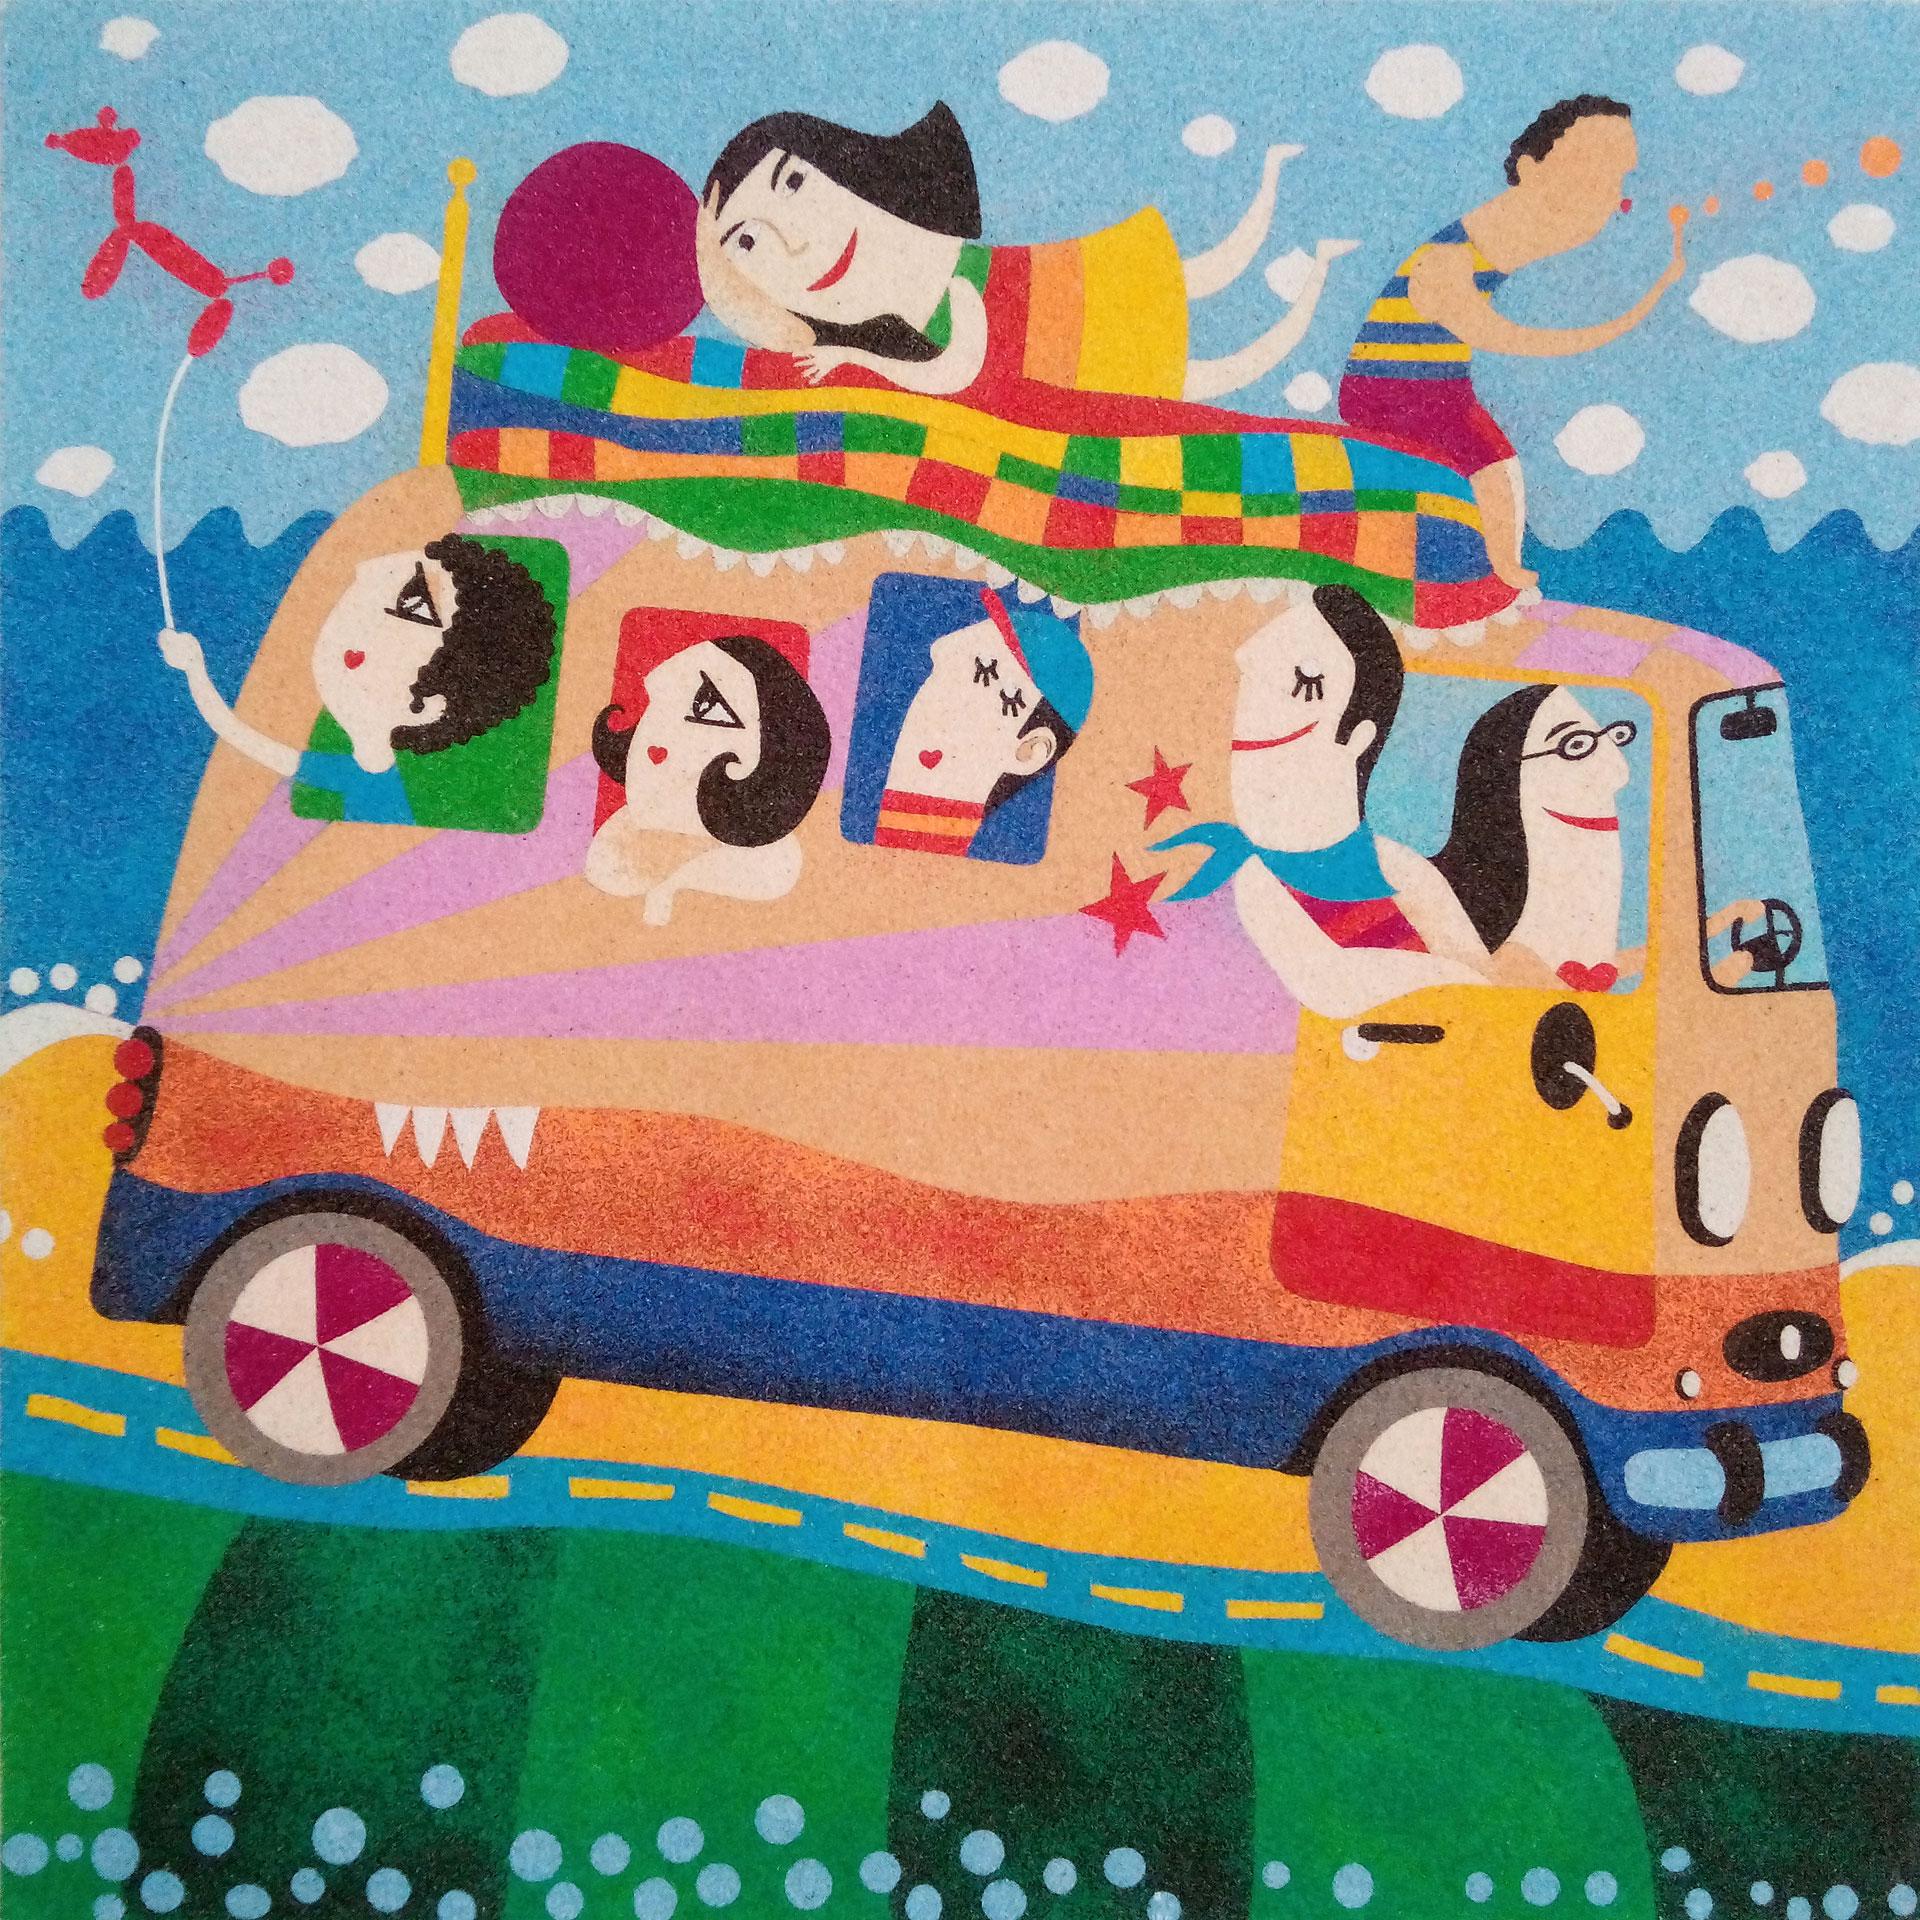 Excursión Bus de Leandro Lamas. 2 medidas disponibles